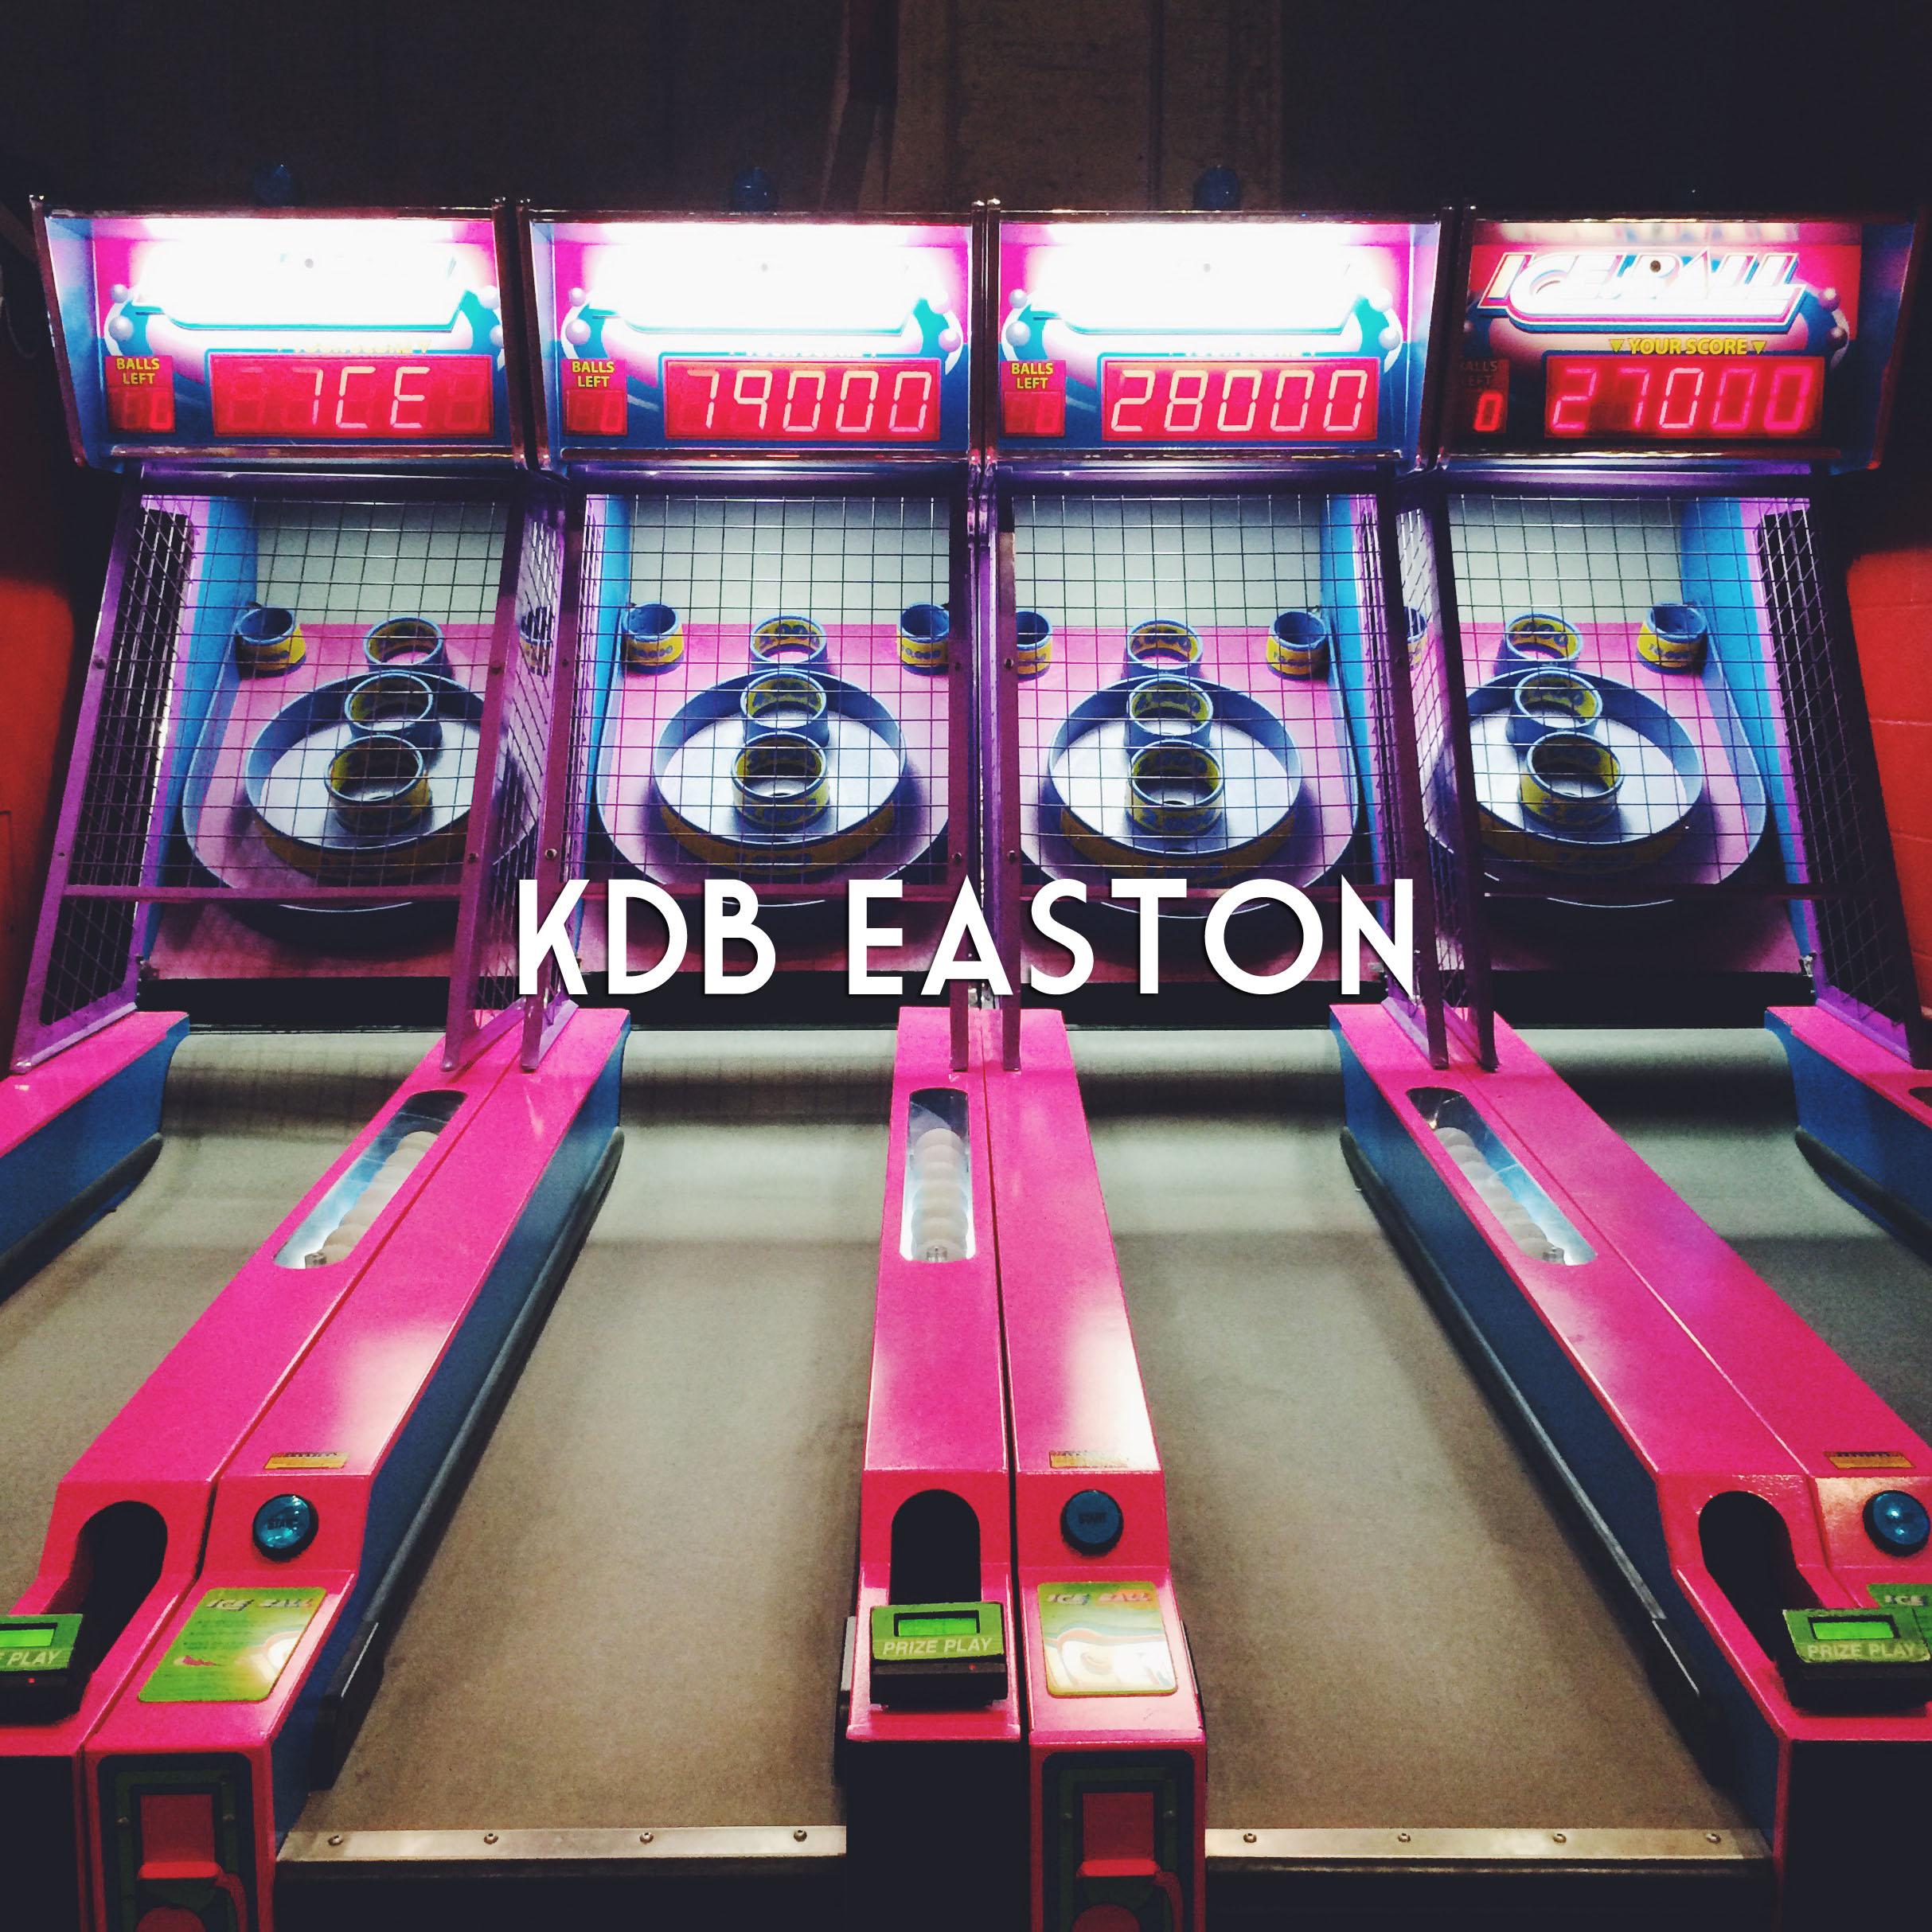 KDB Easton